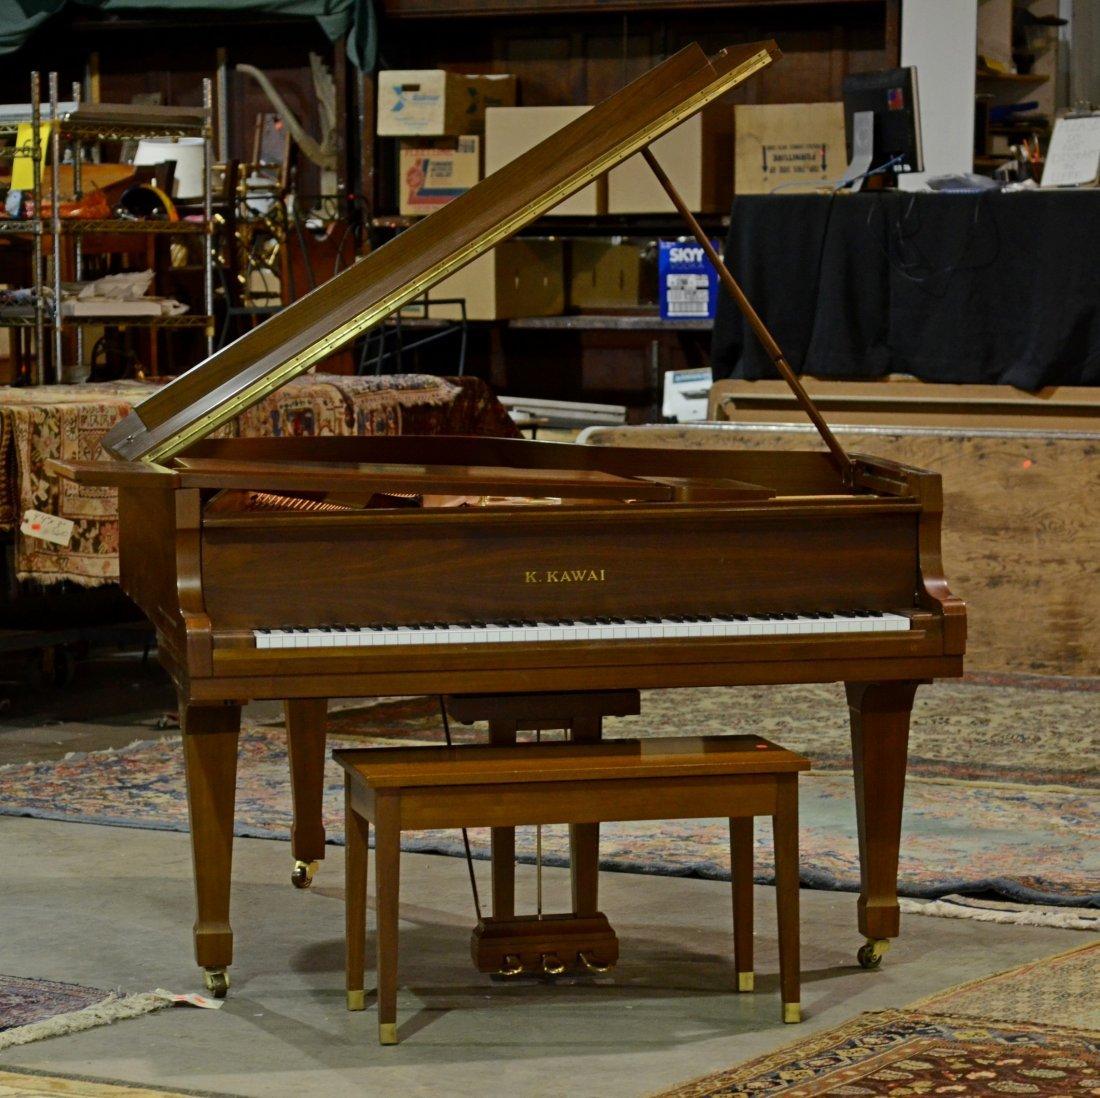 Kawai Grand Piano, Kg-2C, Serial number 1054856